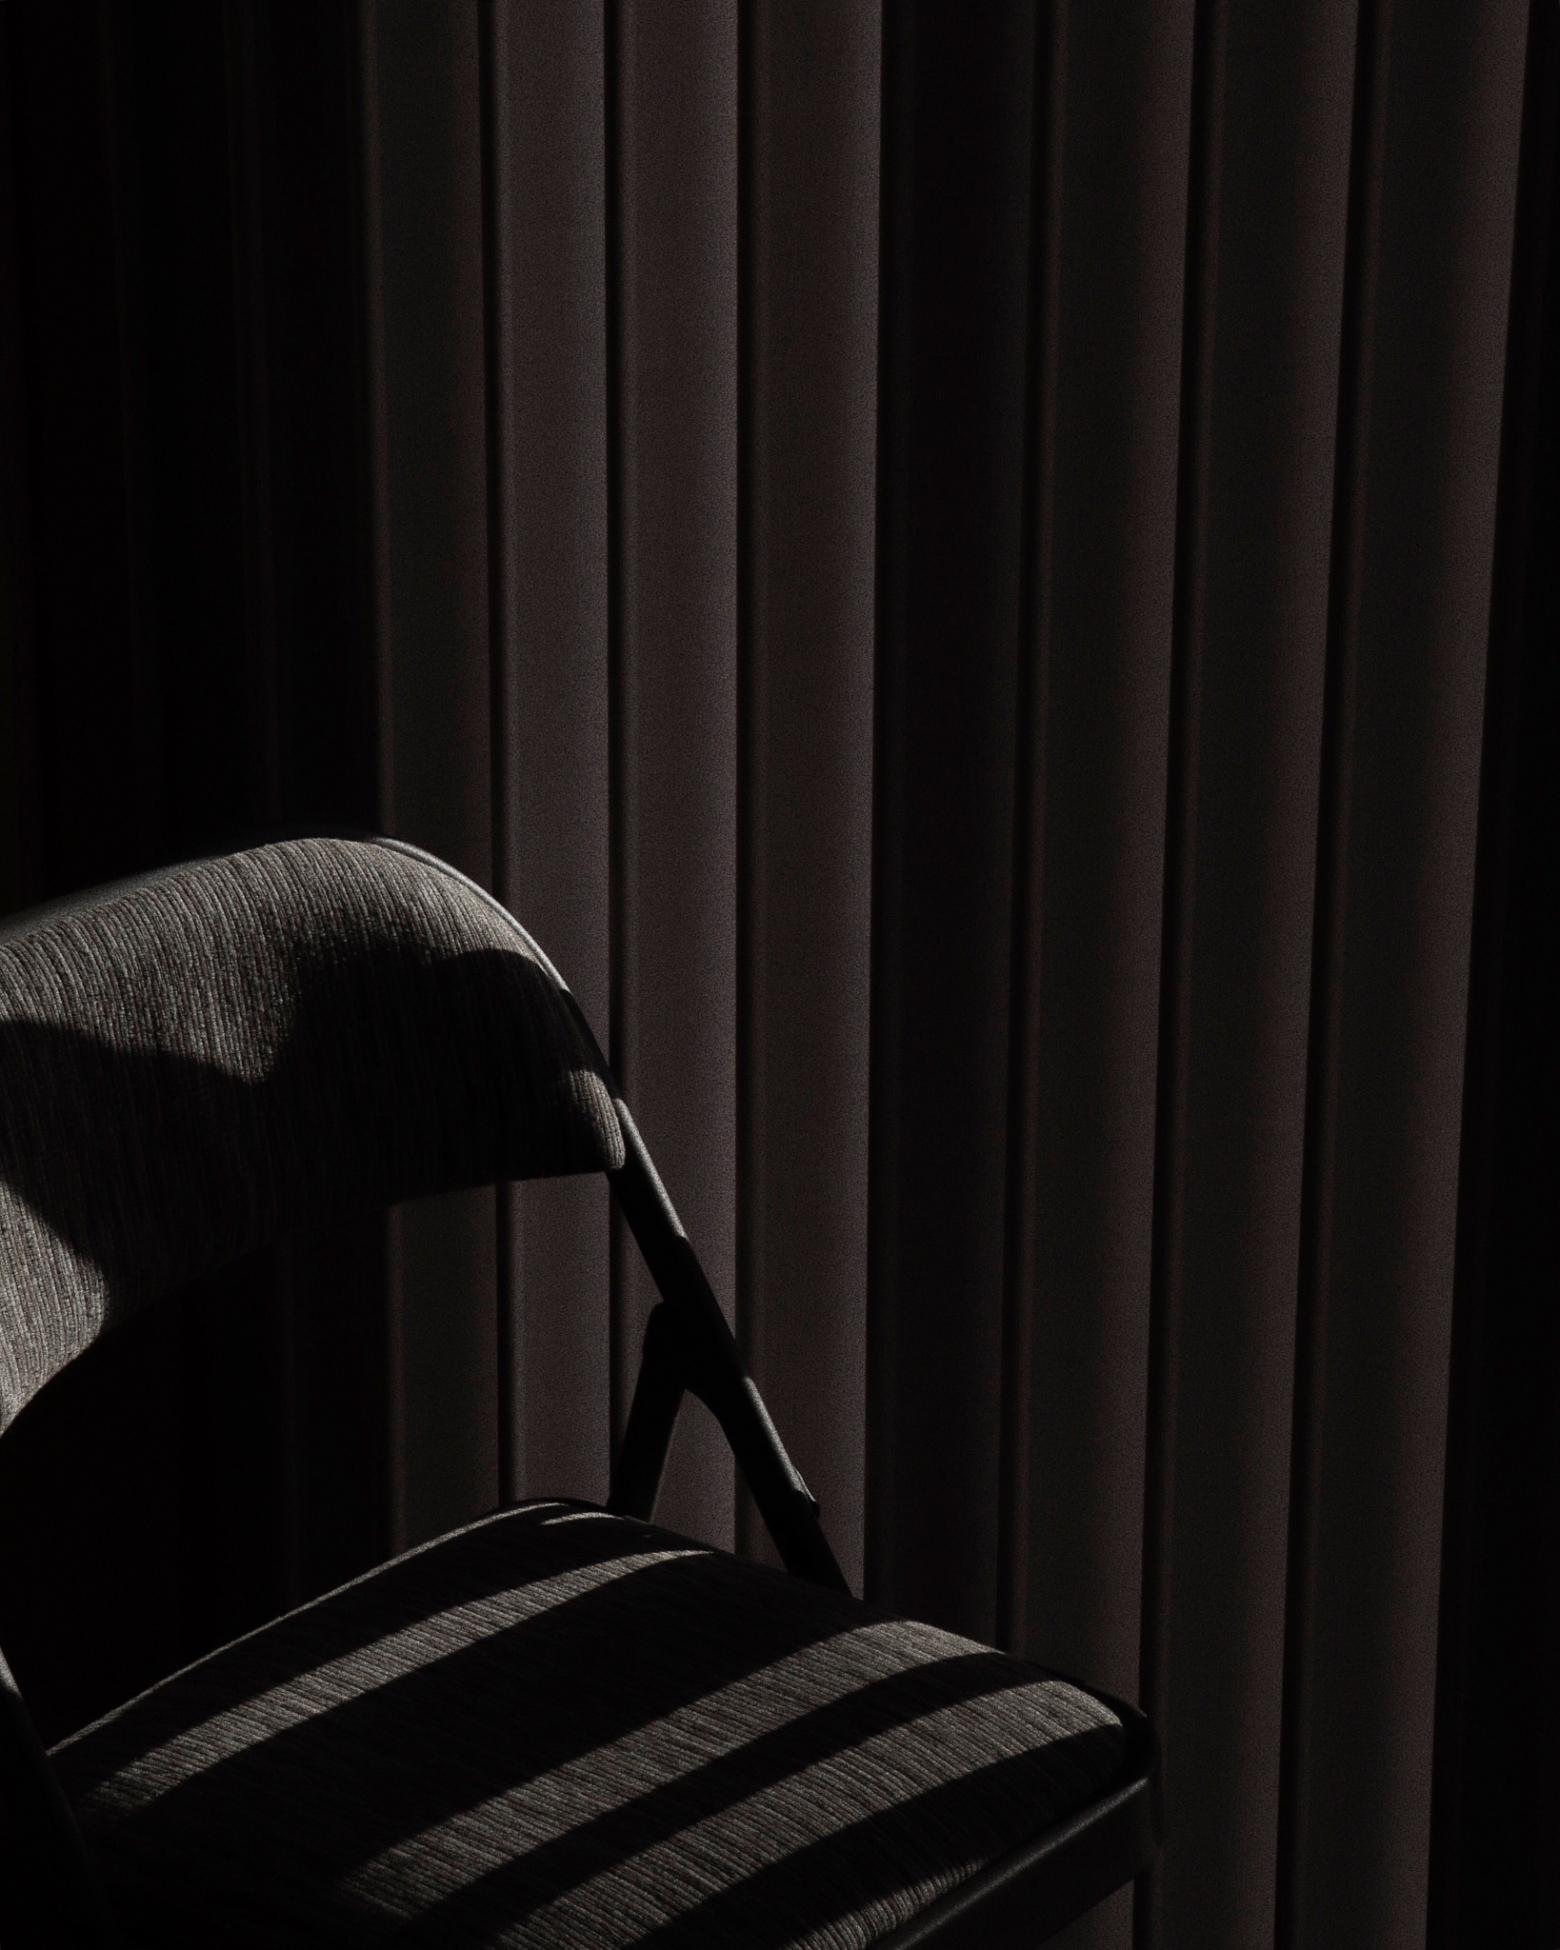 Sterbehilfe: Leerer Stuhl vor einem Fenster. Symbolbild. Setzt ein leichterer Zugang zu Sterbehilfe-Angeboten alte oder kranke Menschen unter Druck? Sterbehilfe – ein Blick auf Pro und Contra. In: Prinzip Apfelbaum. Magazin über das, was bleibt. Foto: Trevor Black on Unsplash